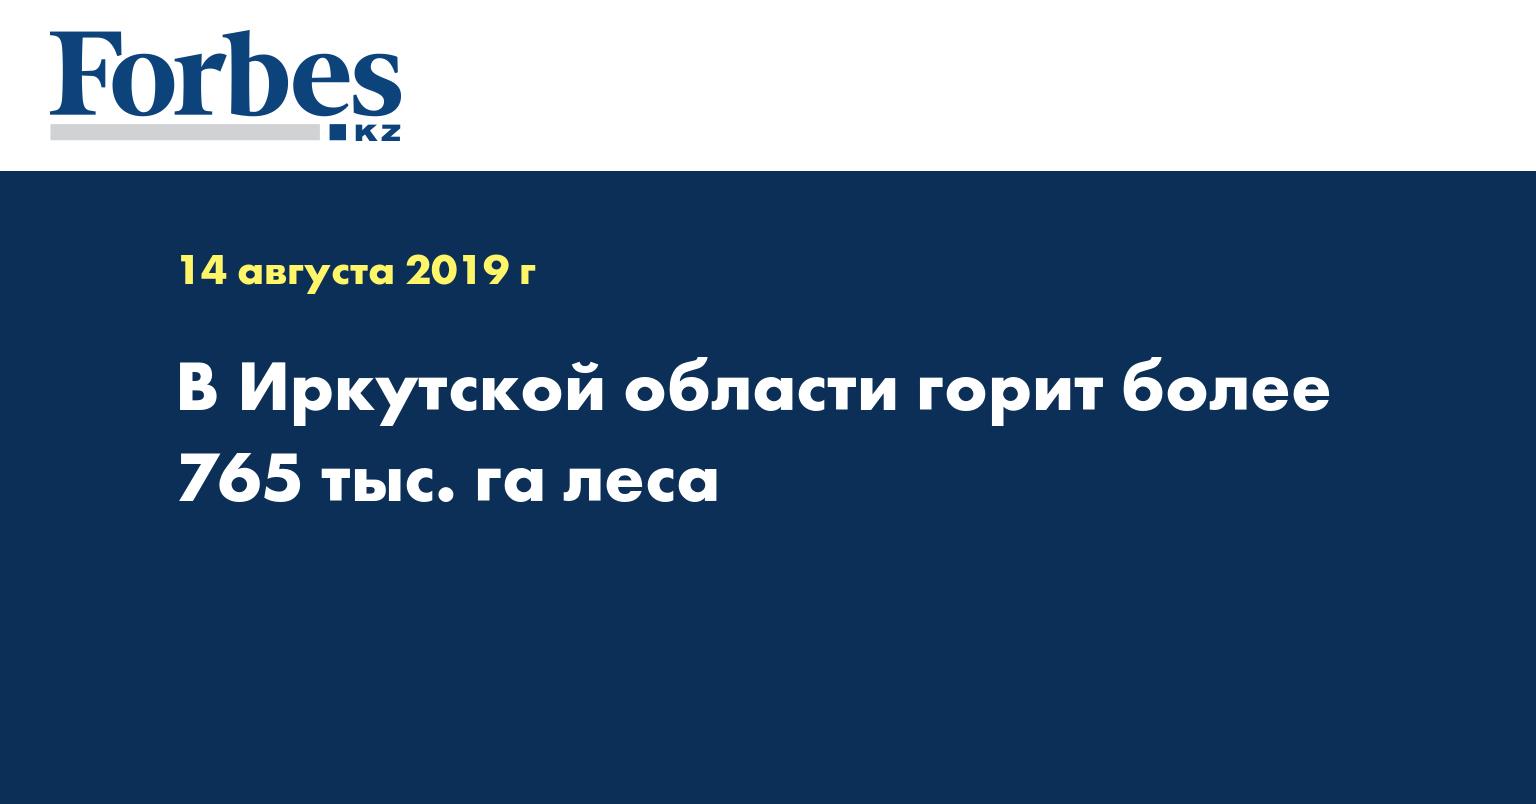 В Иркутской области горит более 765 тыс. га леса